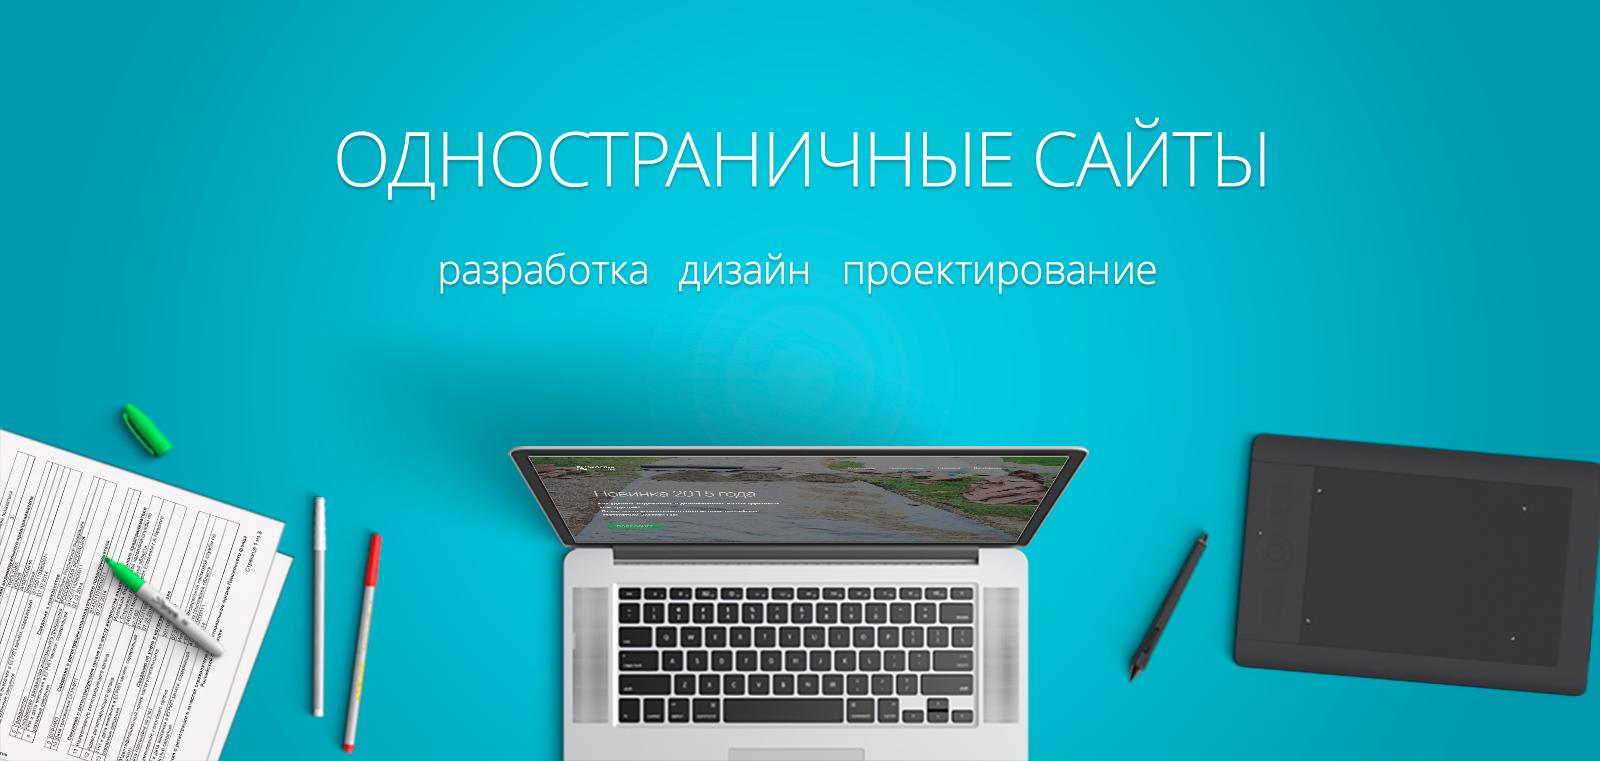 Создания сайта под партнерку joomla уроки создания сайтов